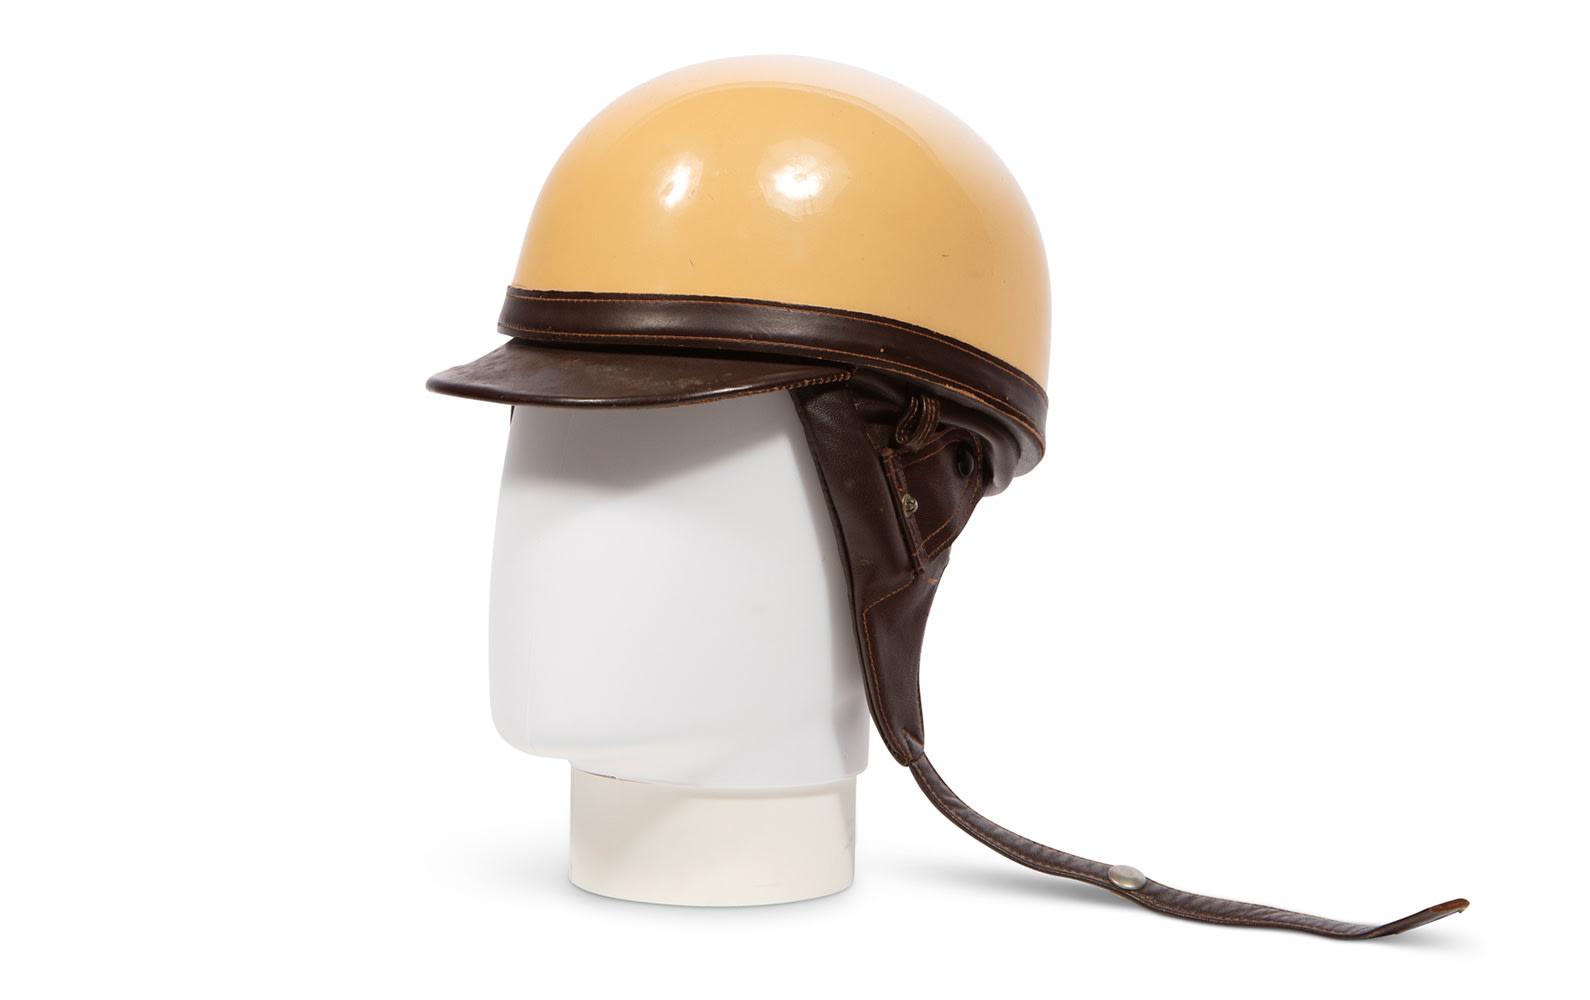 Floyd Clymer Safety Helmet, c. 1950s